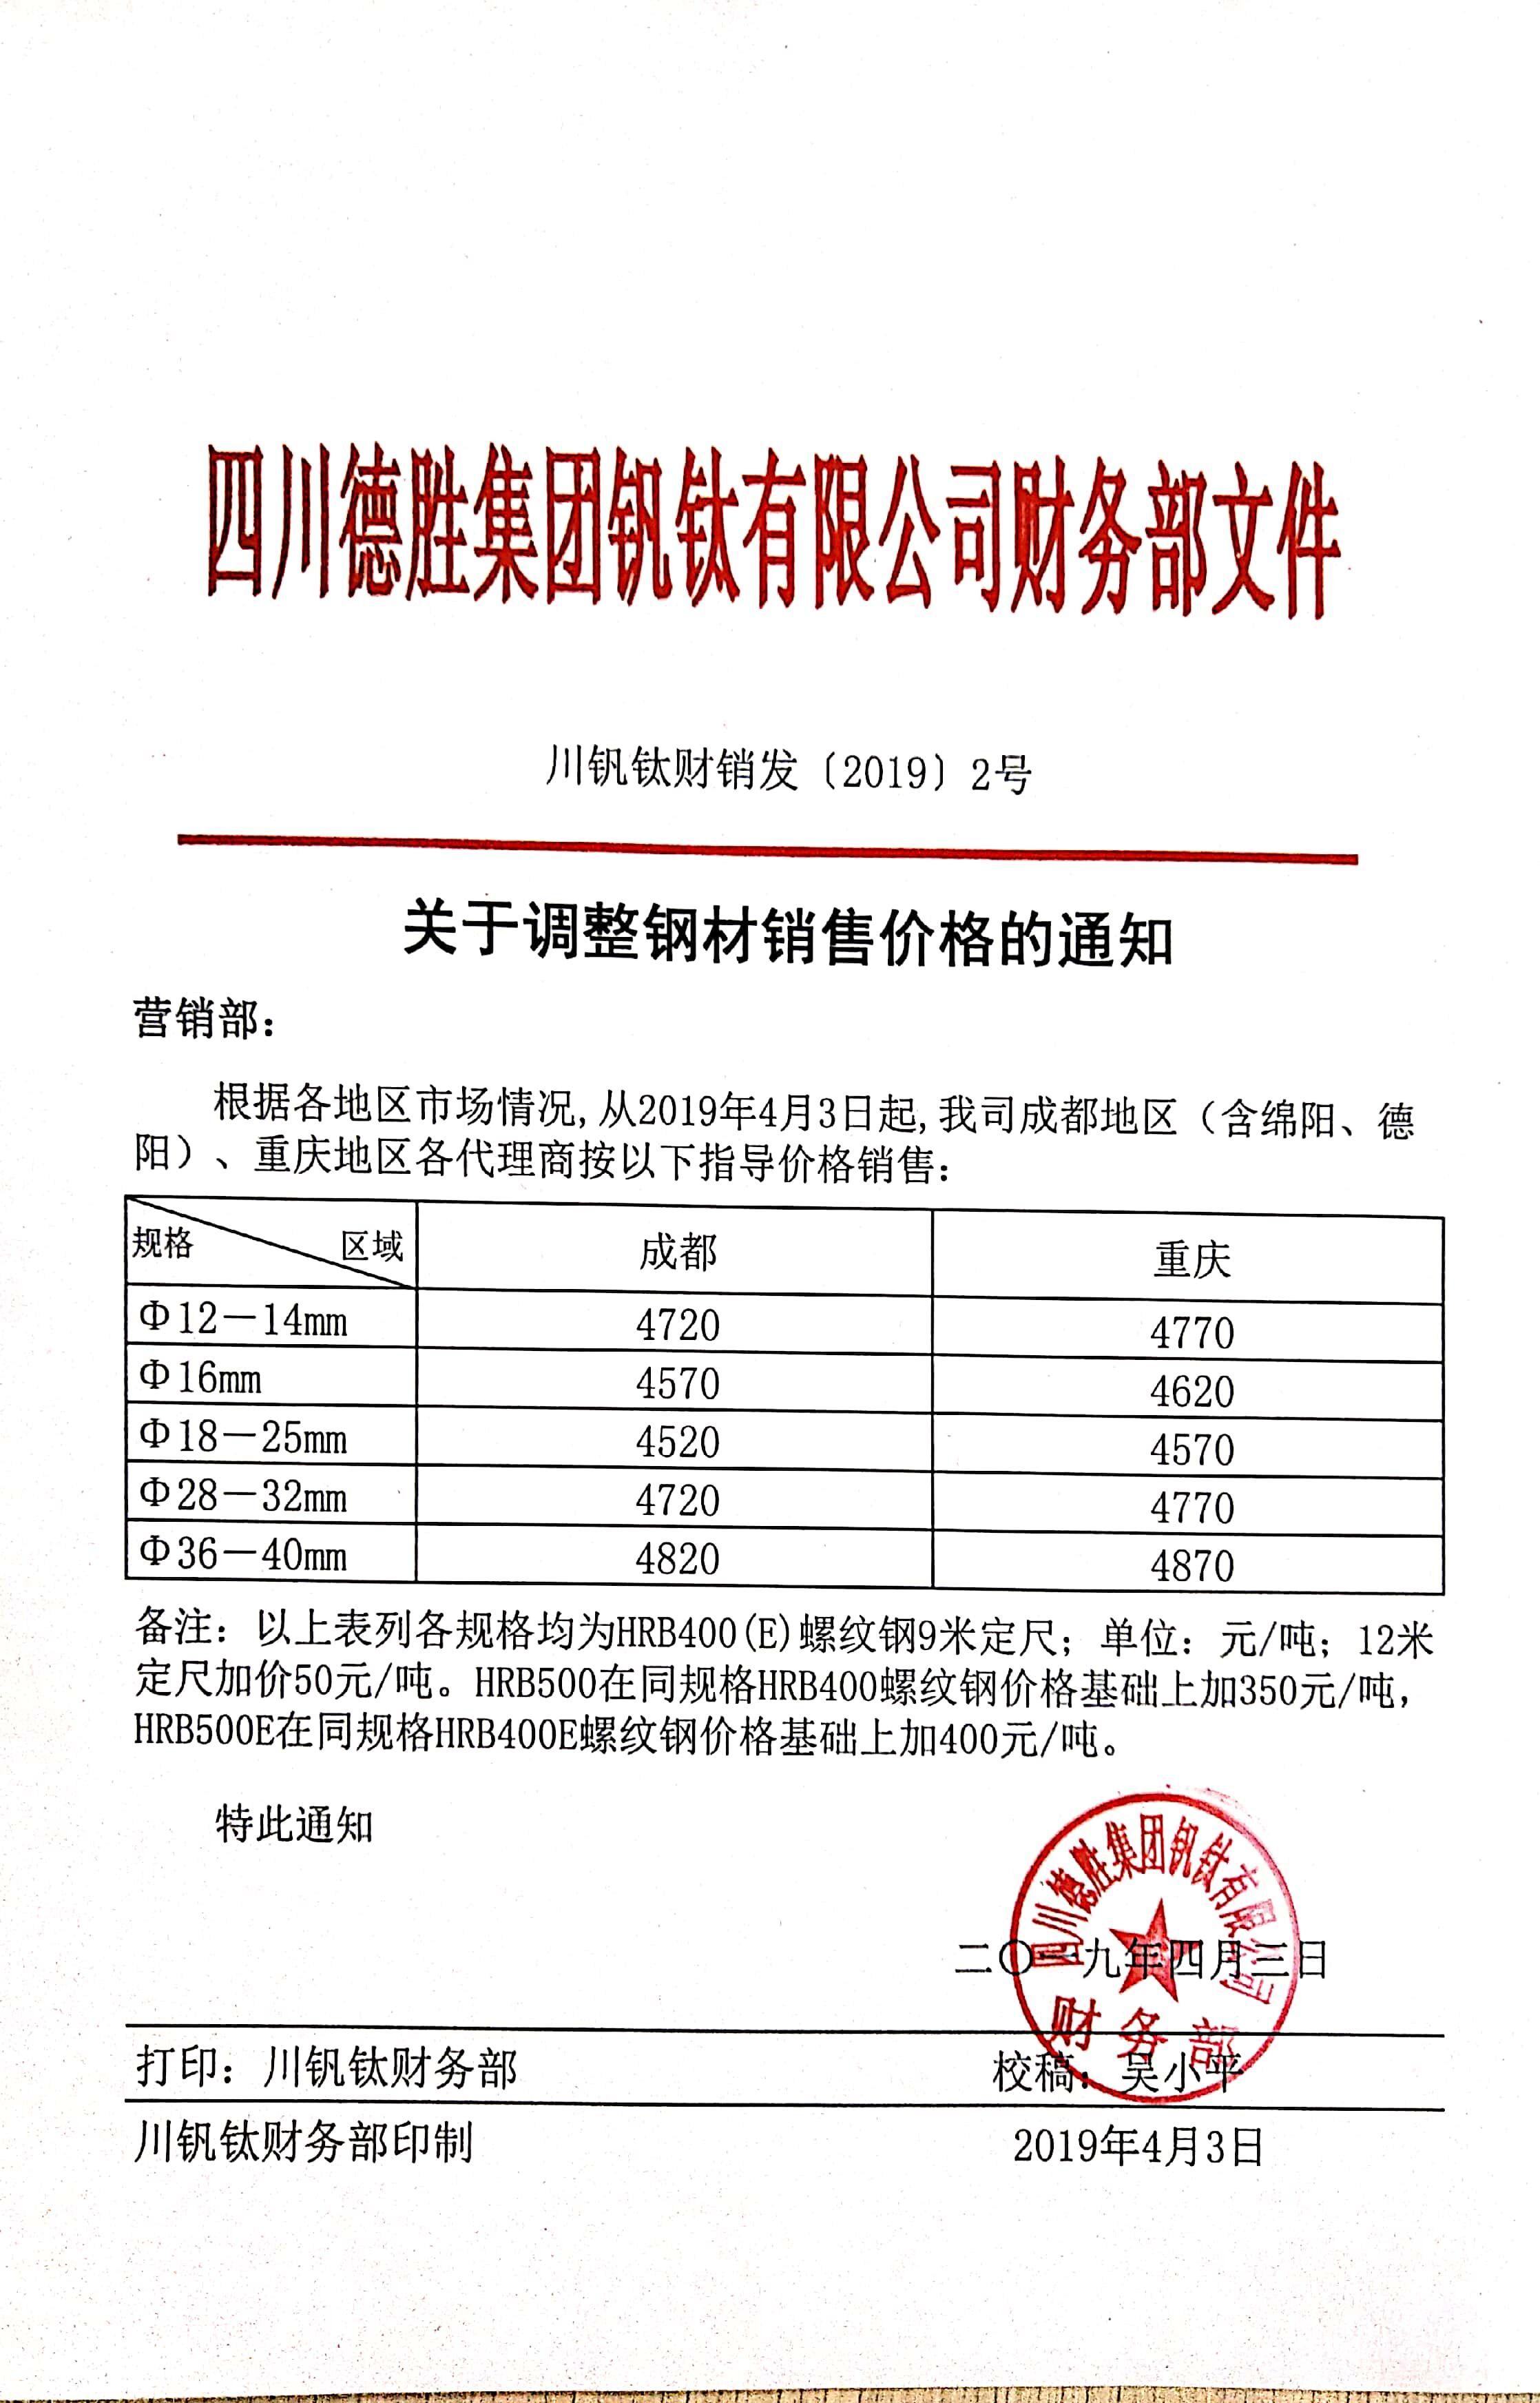 澳门mg游戏集团钒钛有限公司4月3日钢材销售指导价